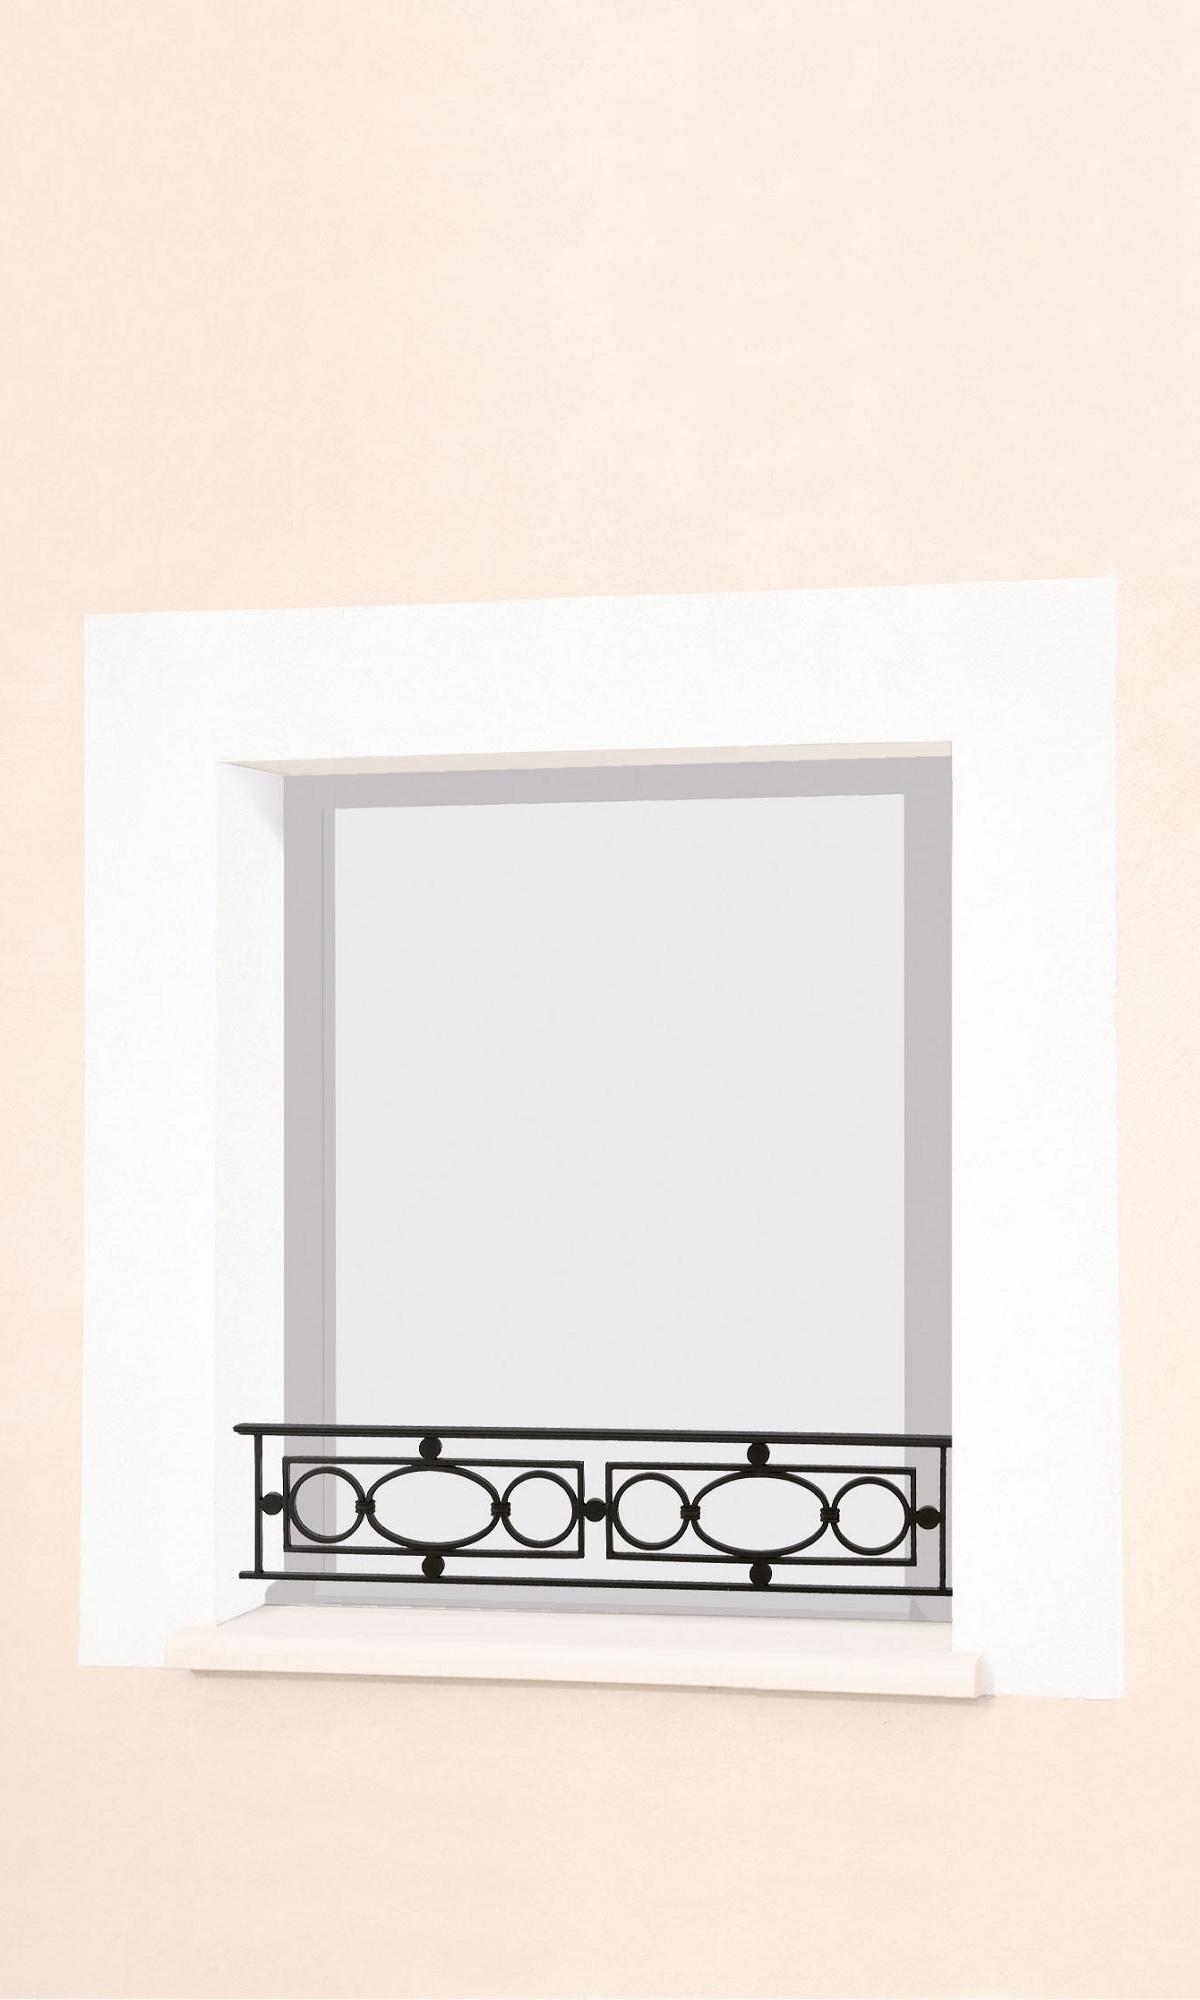 le ferronnier barre d 39 appui de fen tre en fer forg tony batony. Black Bedroom Furniture Sets. Home Design Ideas